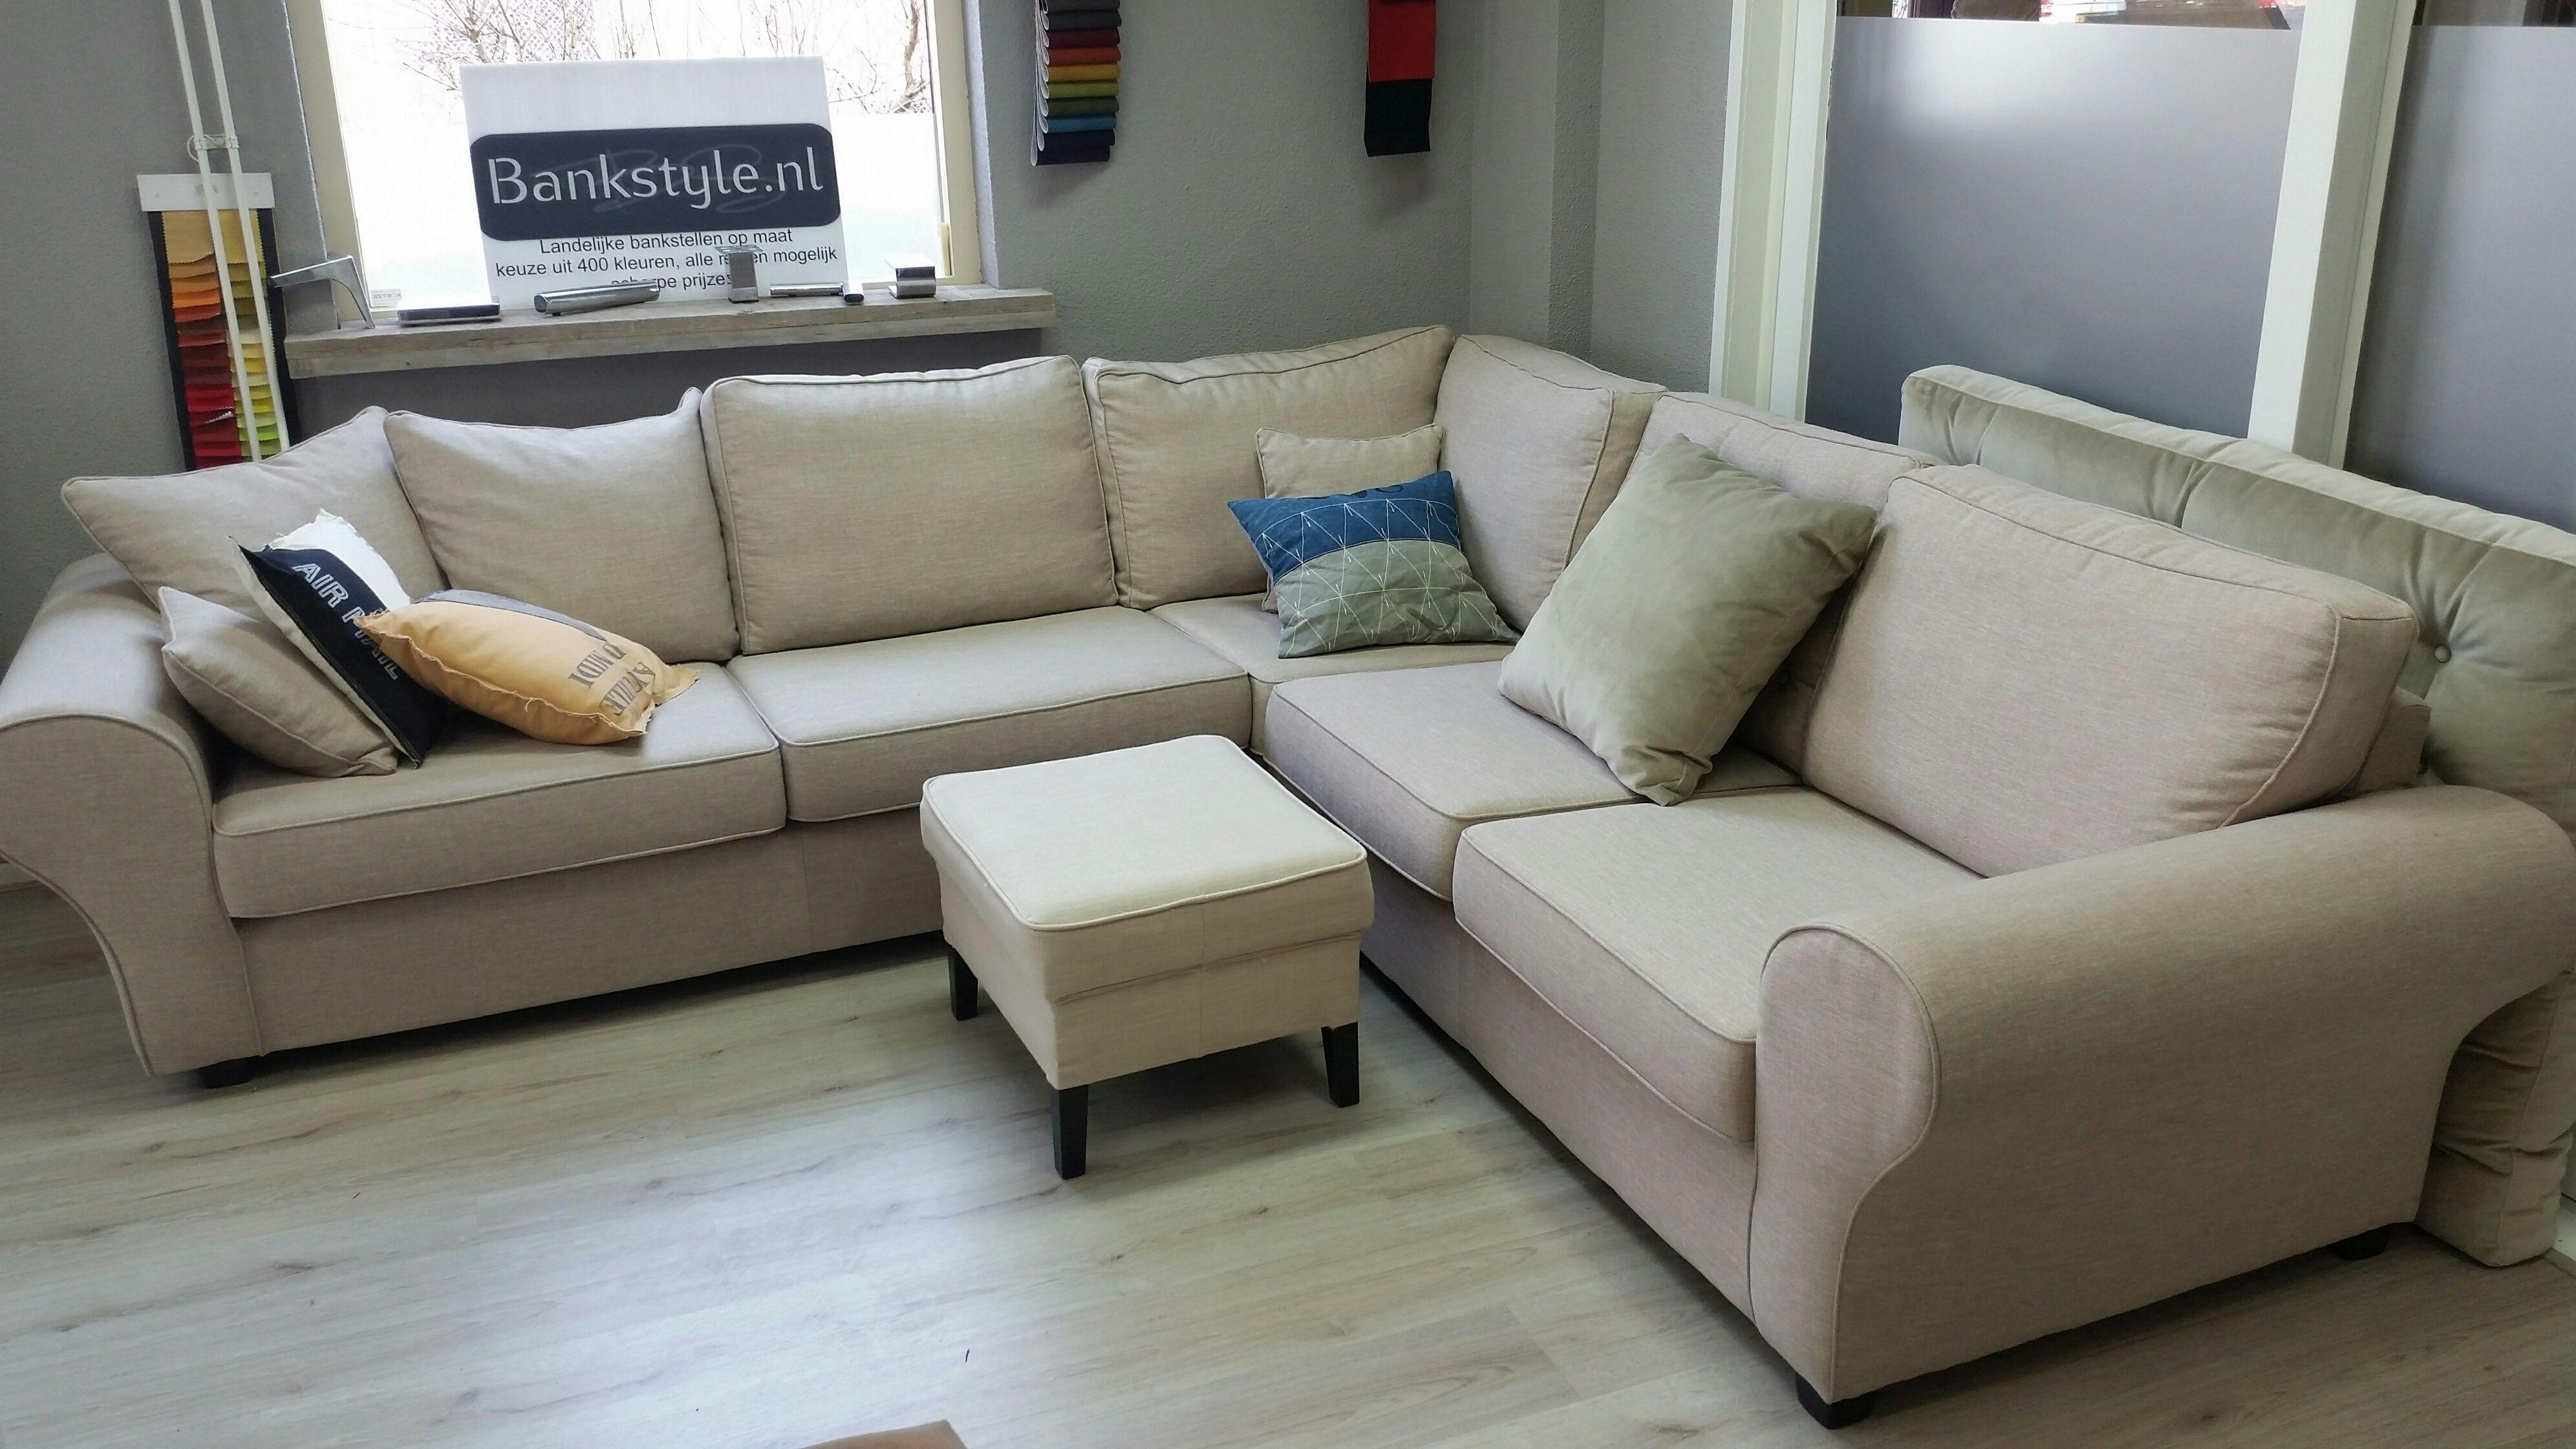 onze landelijke hoekbank barbara past perfect bij de riviera maison stijl u kunt ons vragen. Black Bedroom Furniture Sets. Home Design Ideas